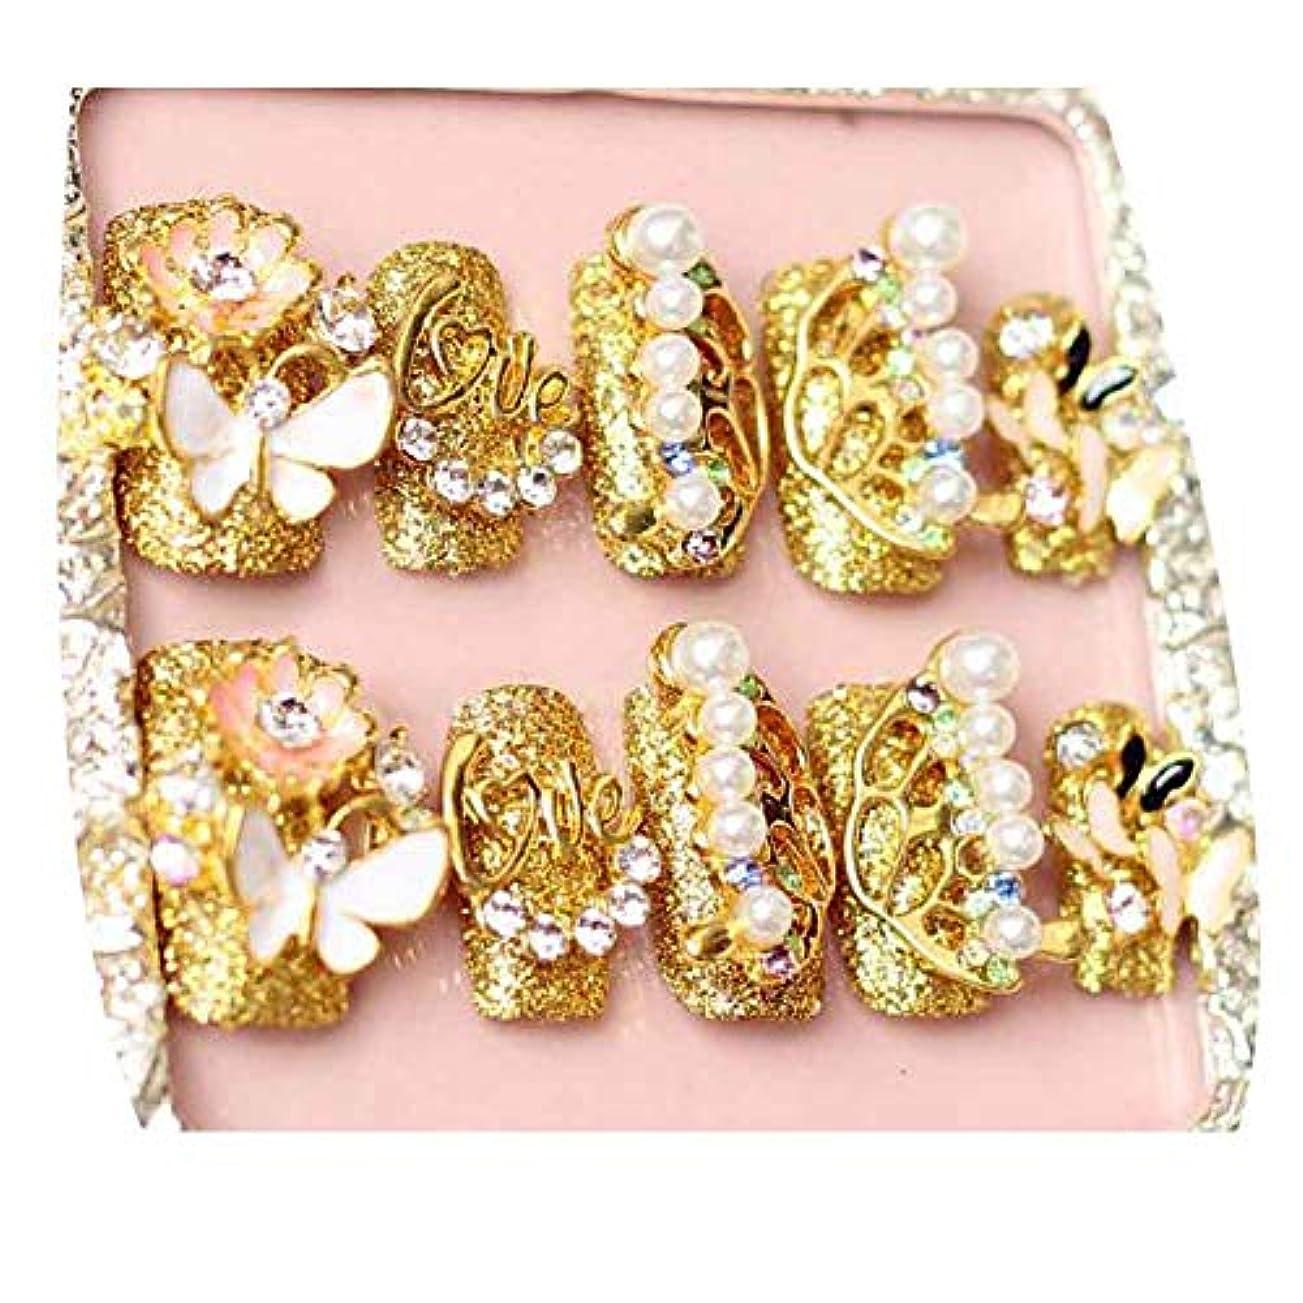 徐々に子サンダース蝶 - ゴールドカラー偽爪結婚式人工爪のヒントビーズネイルアート